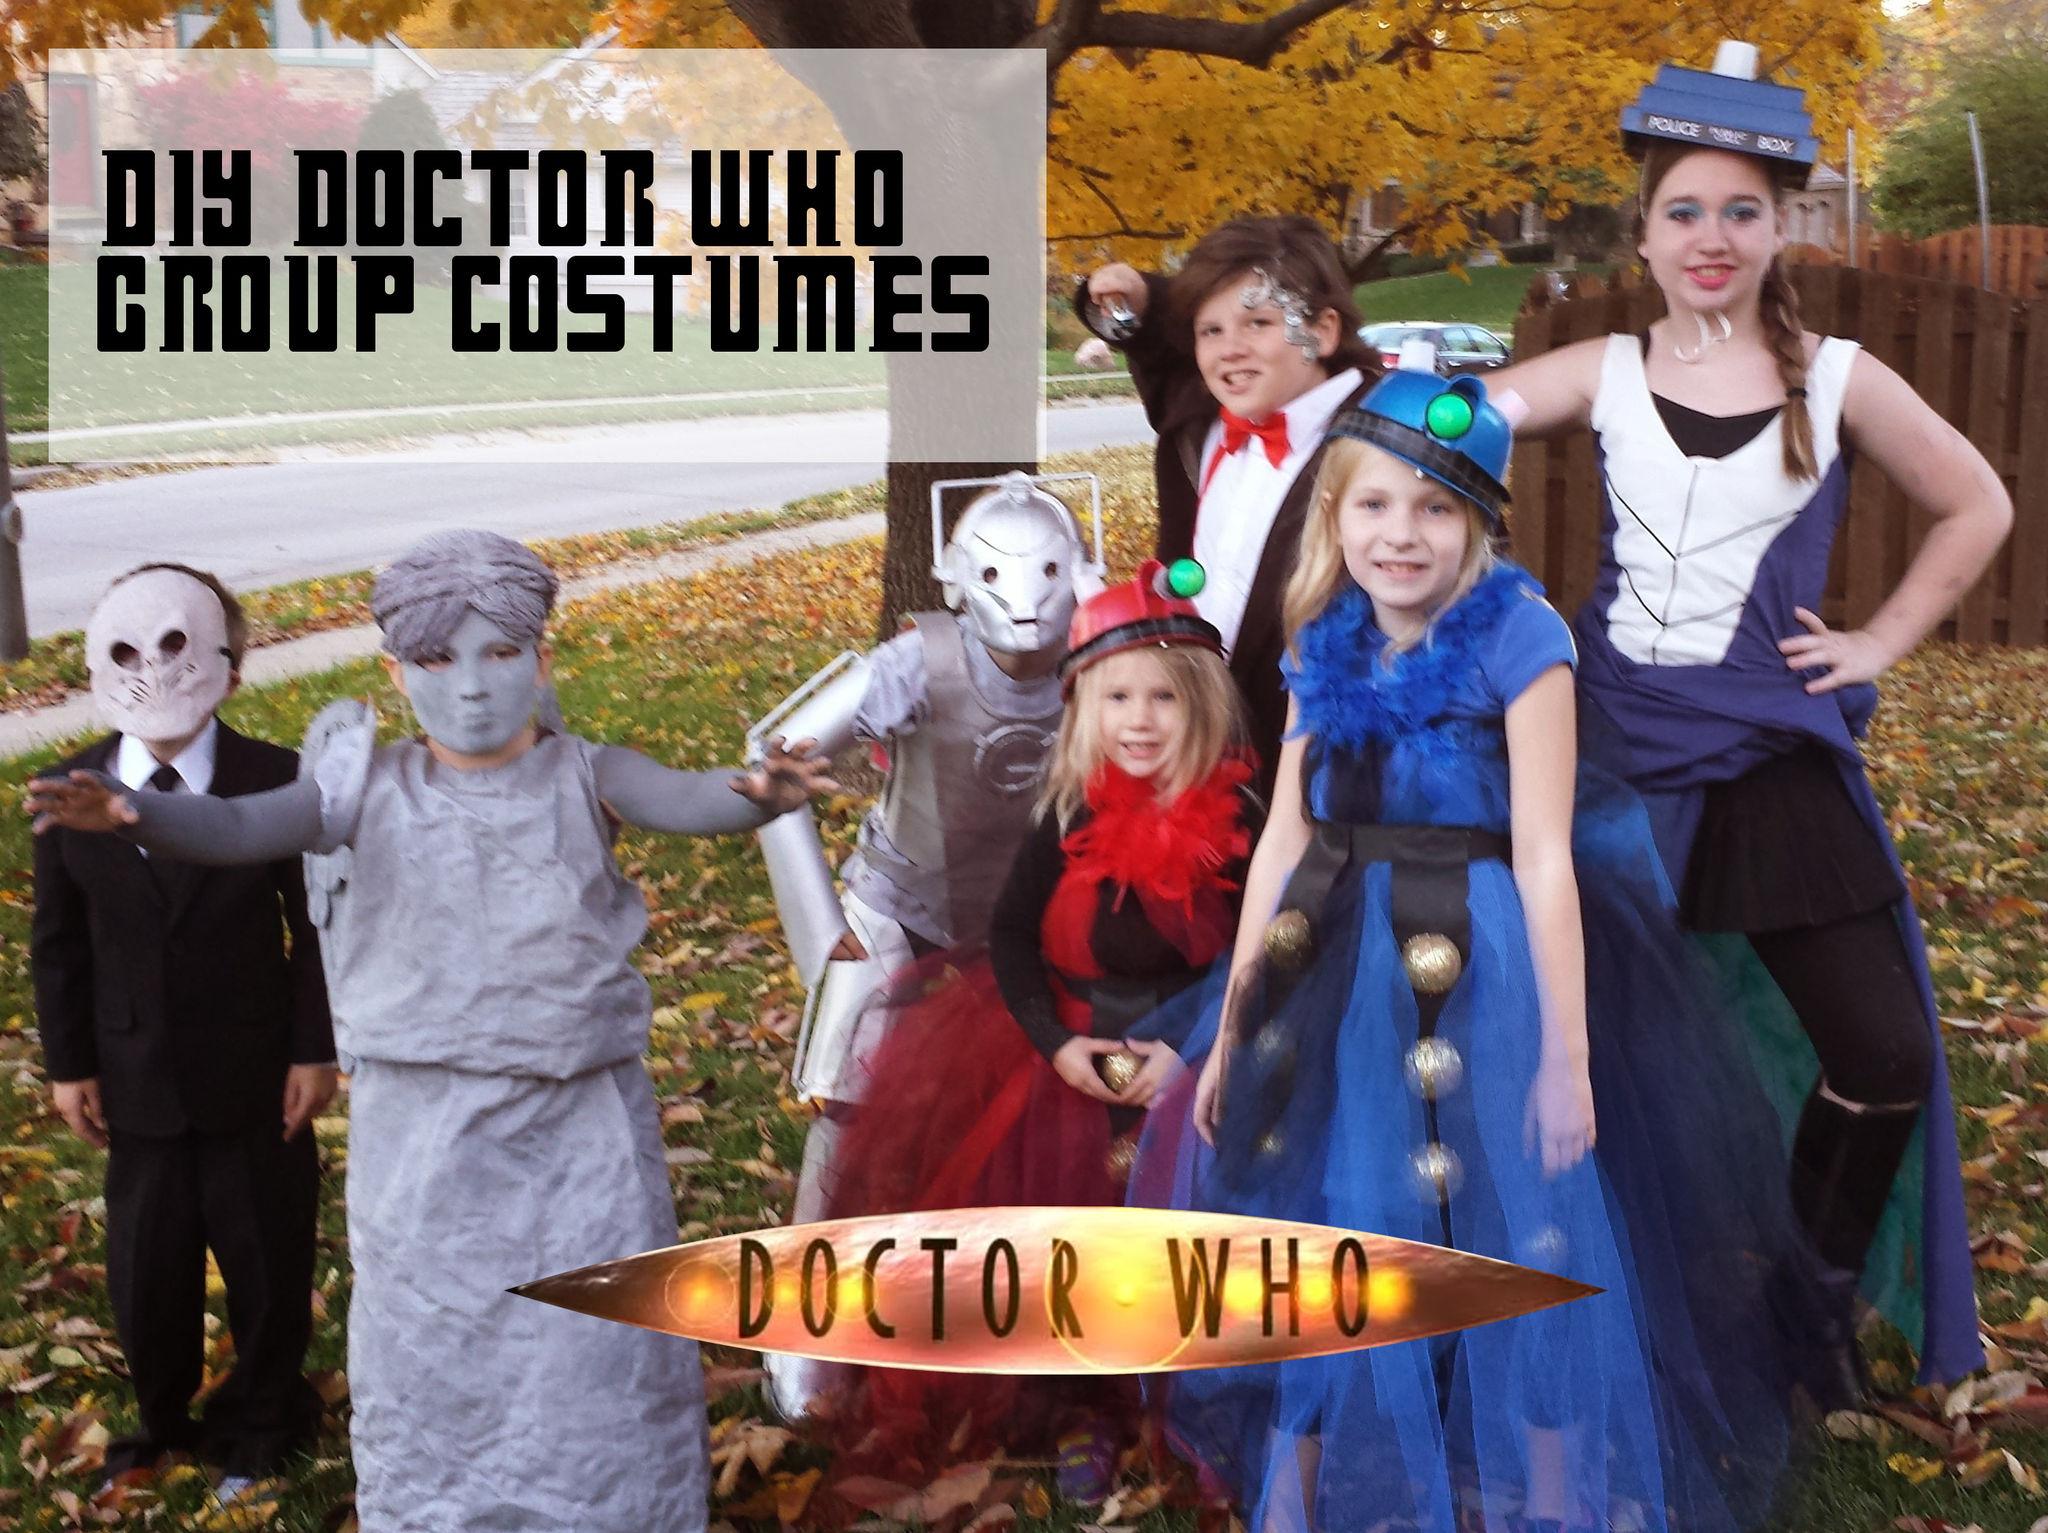 diy doctor who costumes - silence cyberman dalek weeping angel